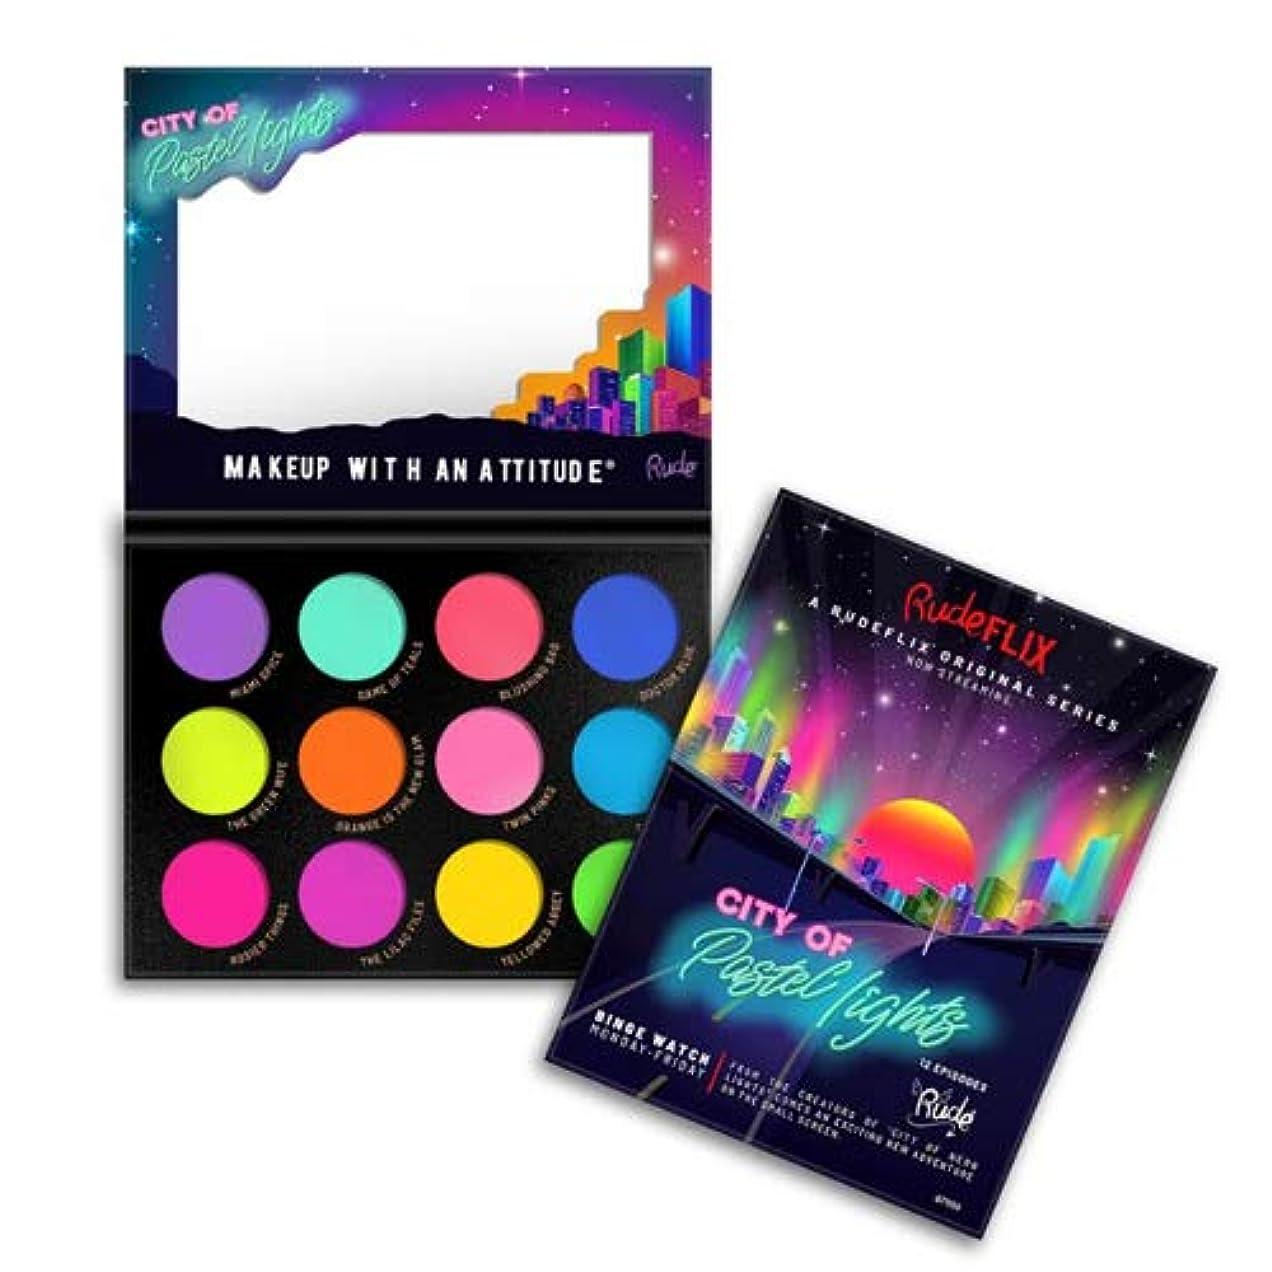 クリエイティブ染色促進するRUDE City of Pastel Lights - 12 Pastel Pigment & Eyeshadow Palette (6 Pack) (並行輸入品)